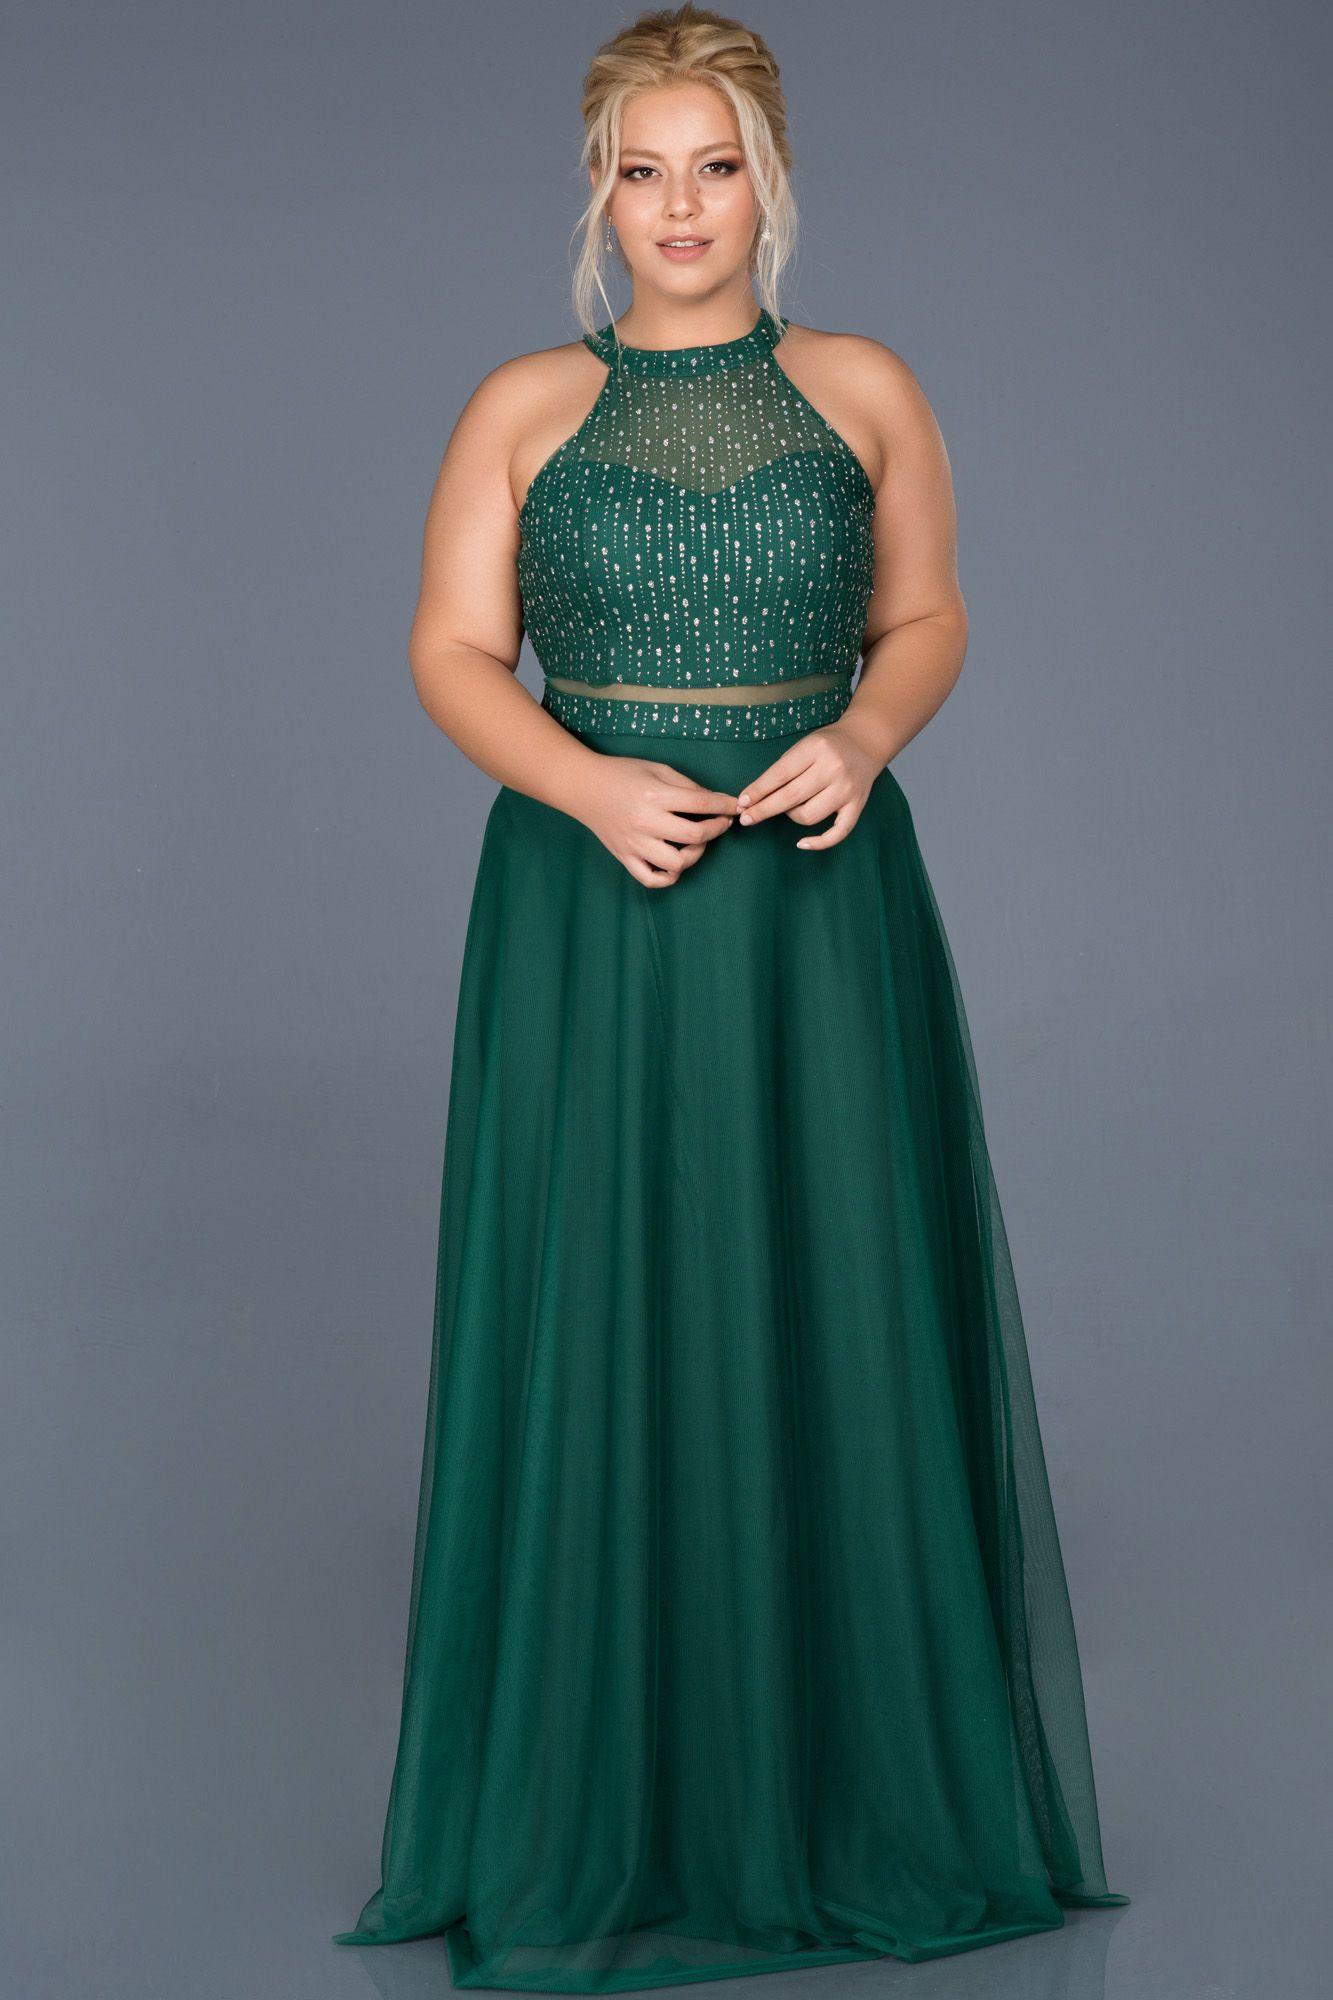 Yesil Uzun Tul Sim Islemeli Buyuk Beden Abiye Abu908 2020 Elbise Elbise Modelleri The Dress